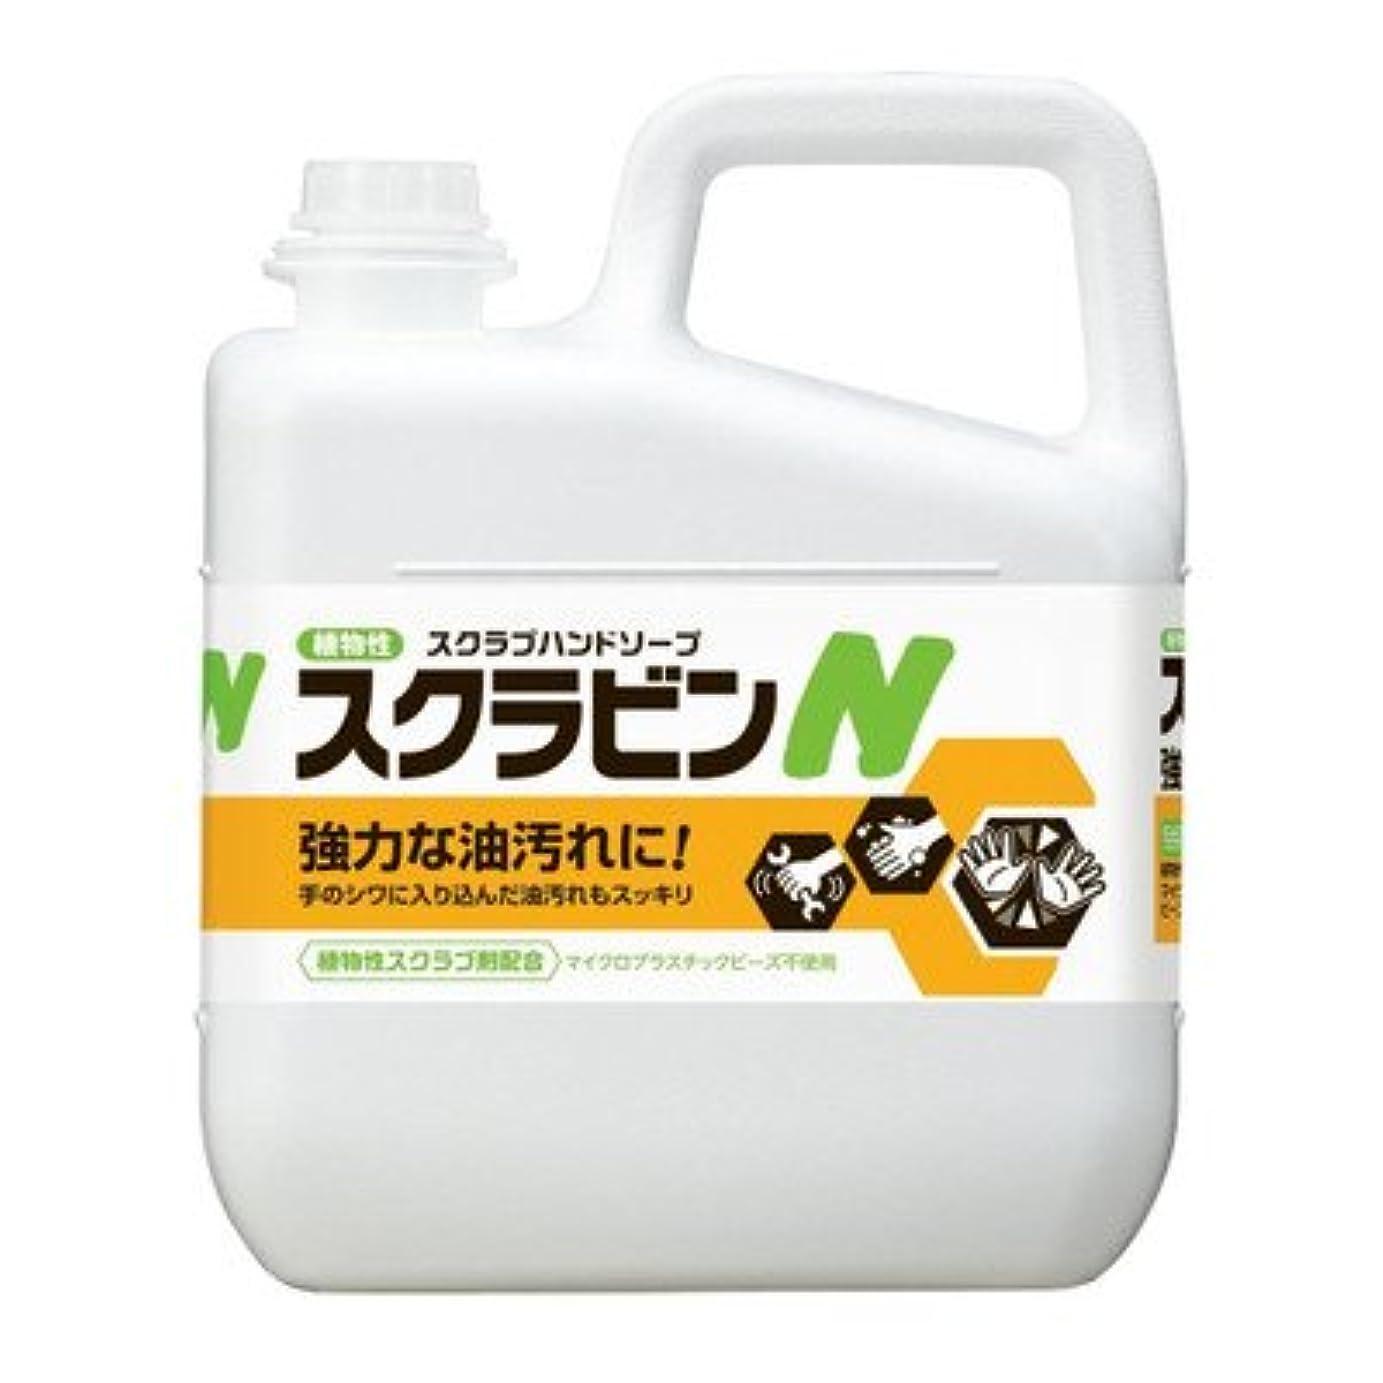 モート太鼓腹分布環境と手肌に優しく油汚れを落とす植物性スクラブハンドソープ サラヤ 植物性スクラブハンドソープ スクラビンN 5kg 23155